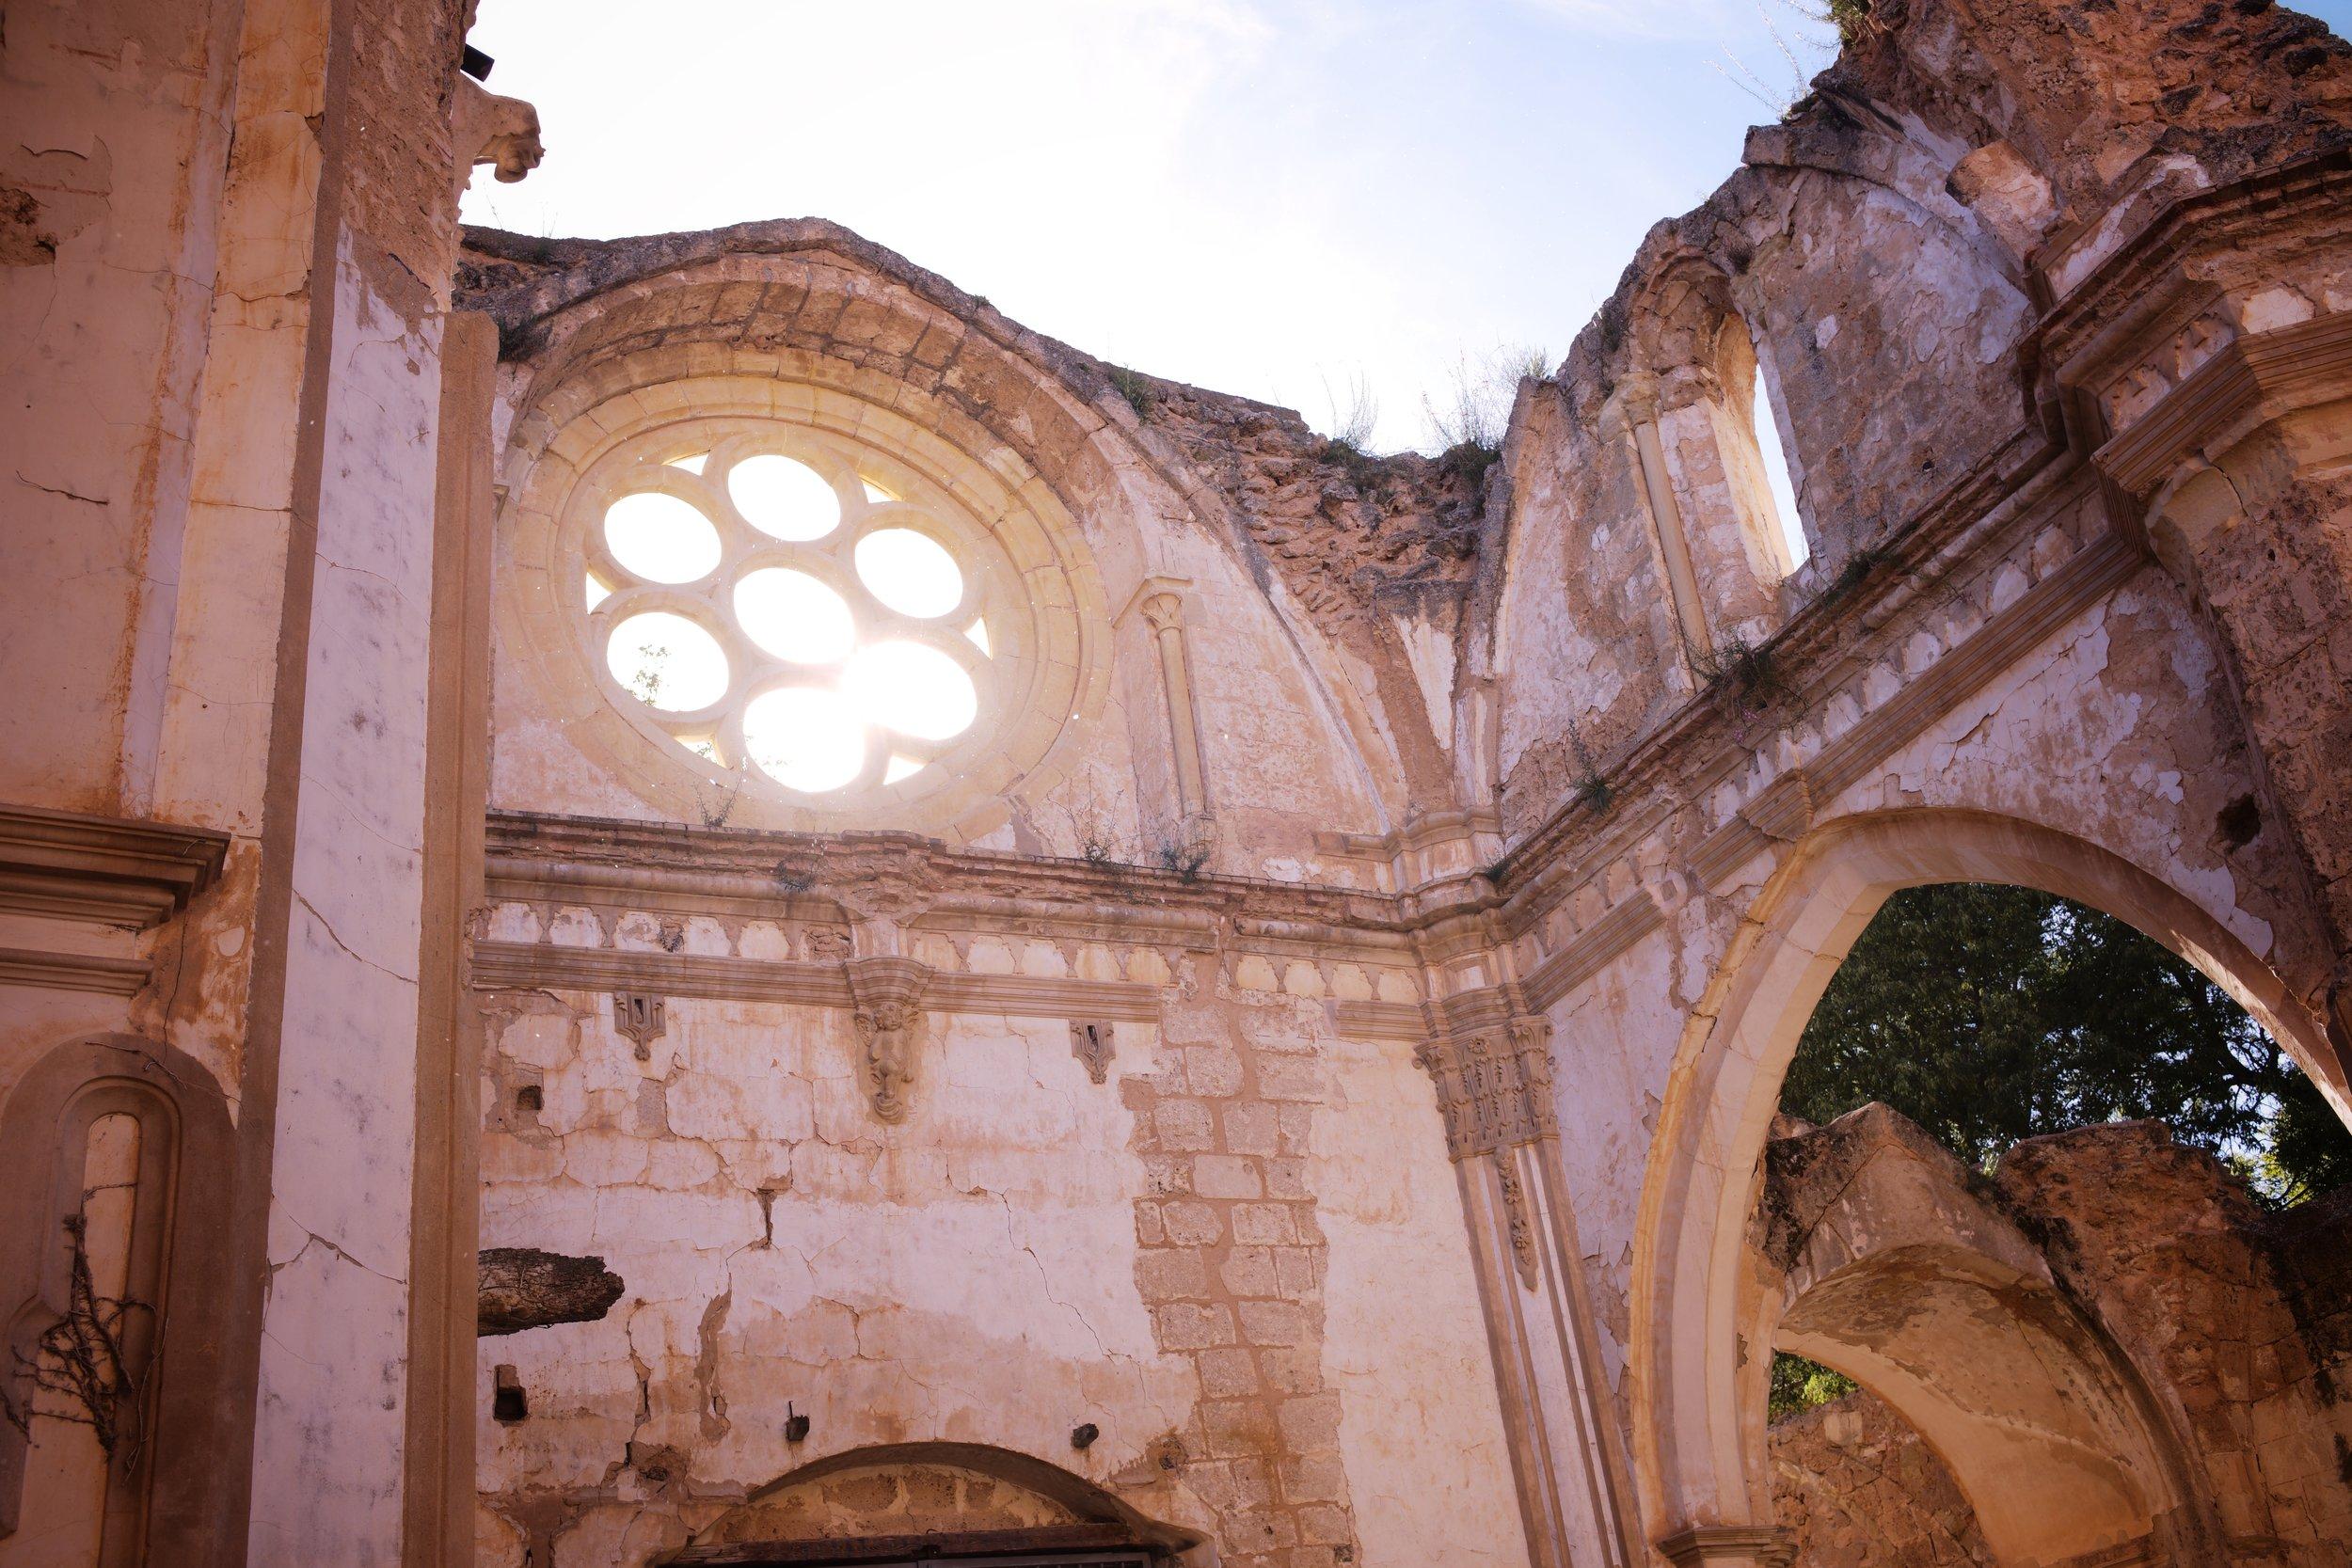 Un detalle de la arquitectura cisterciense del Monasterio de Piedra.